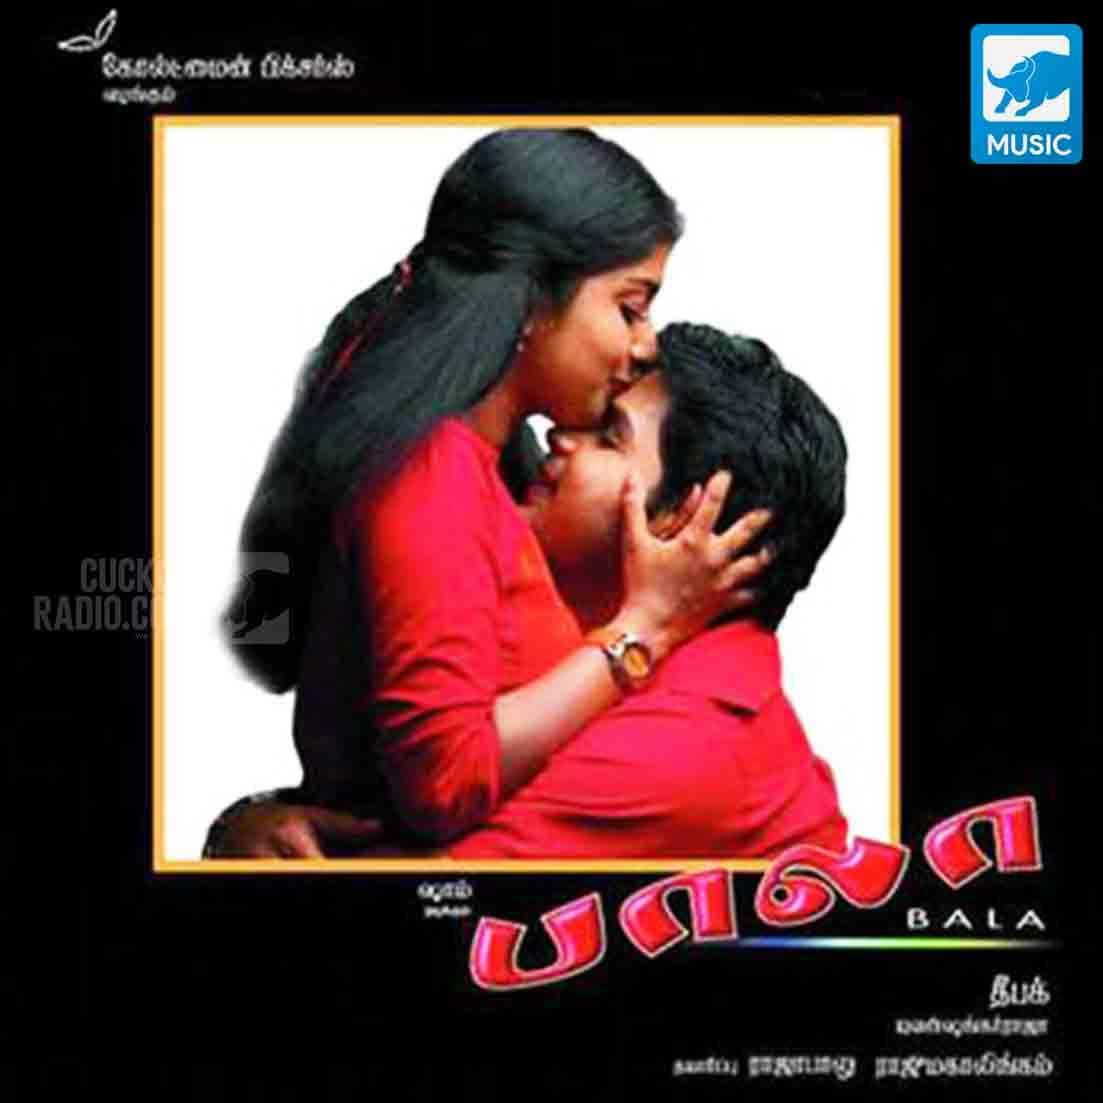 Bala Tamil Movie Album Image